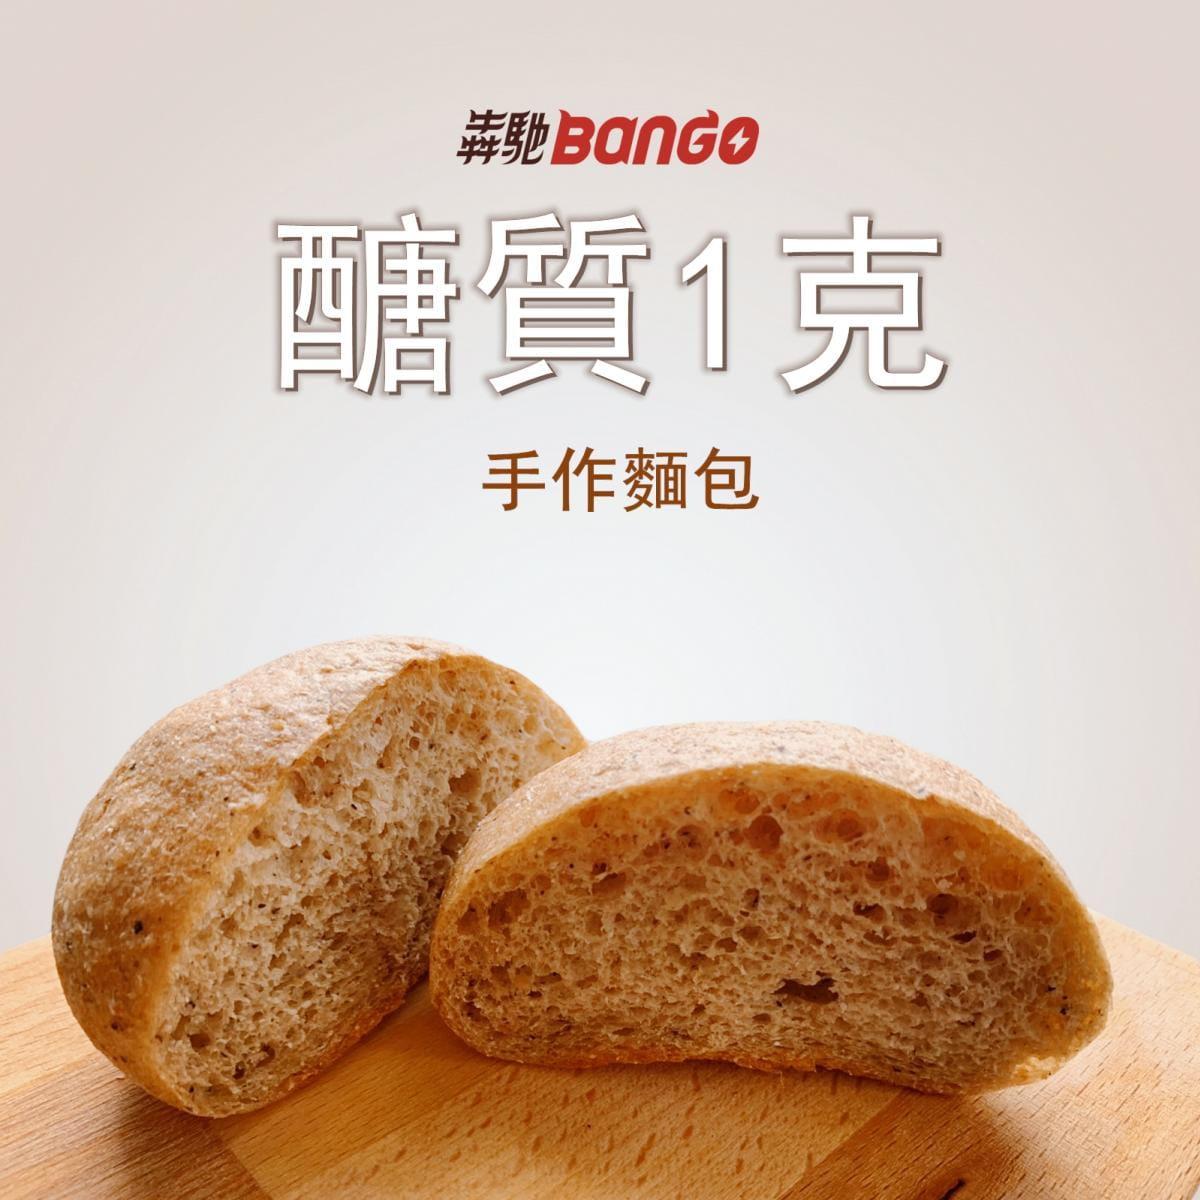 【Bango】醣質1克手作麵包+澳洲100%純牛肉漢堡排組 2